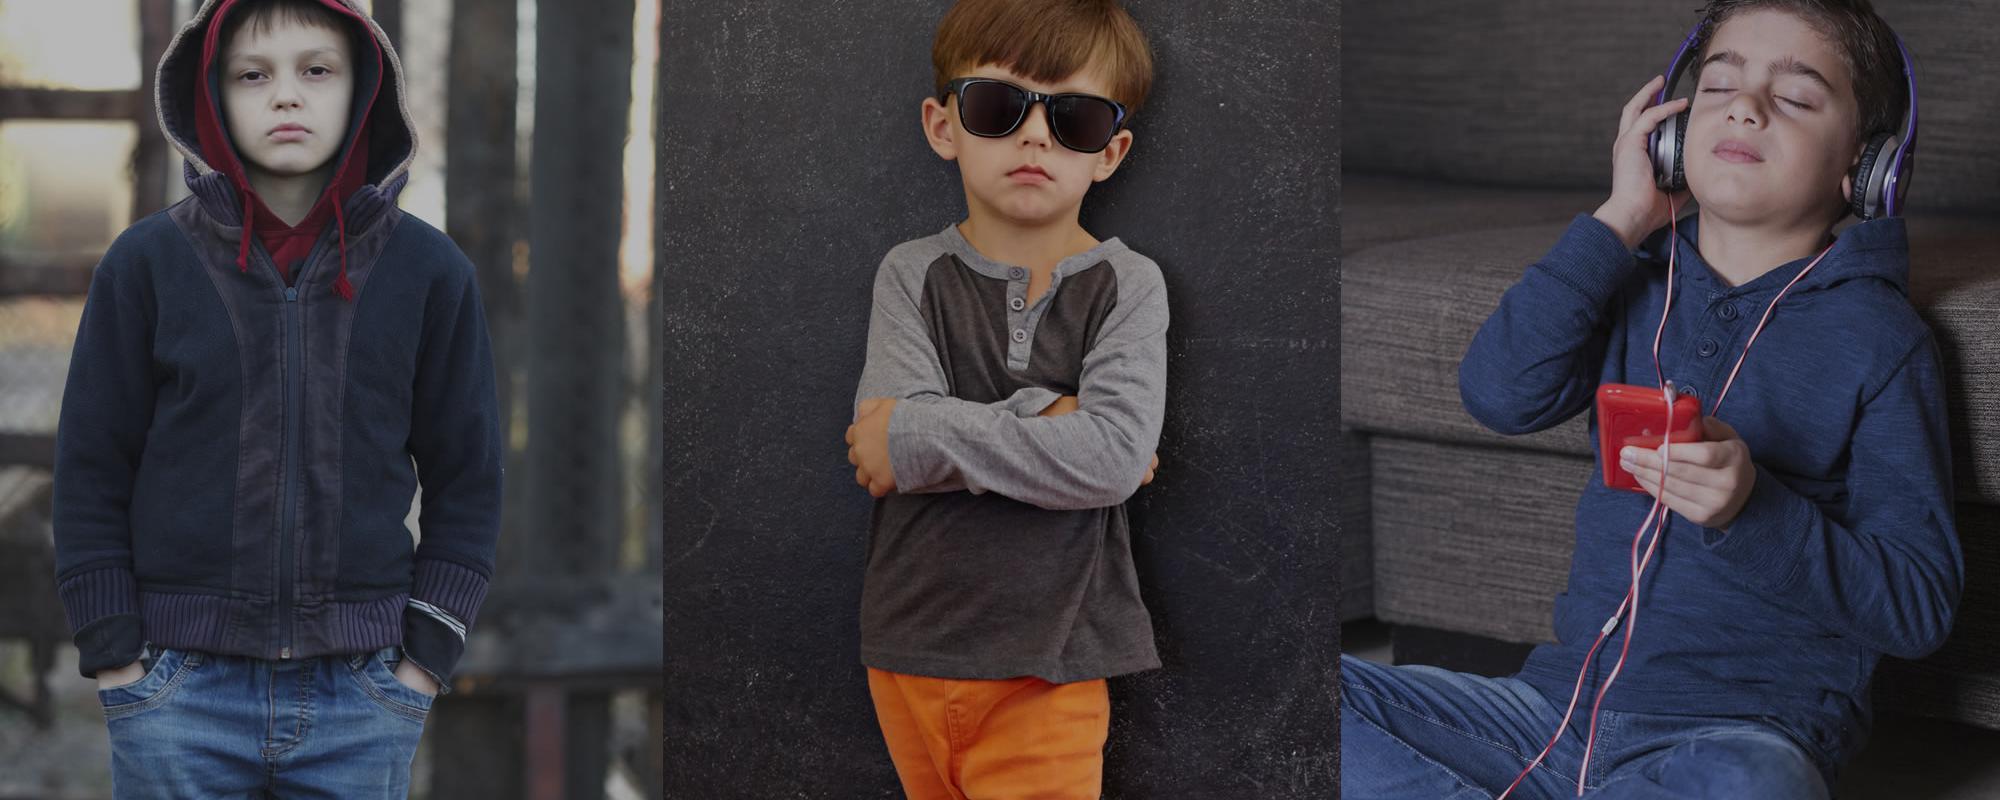 Boy wear2